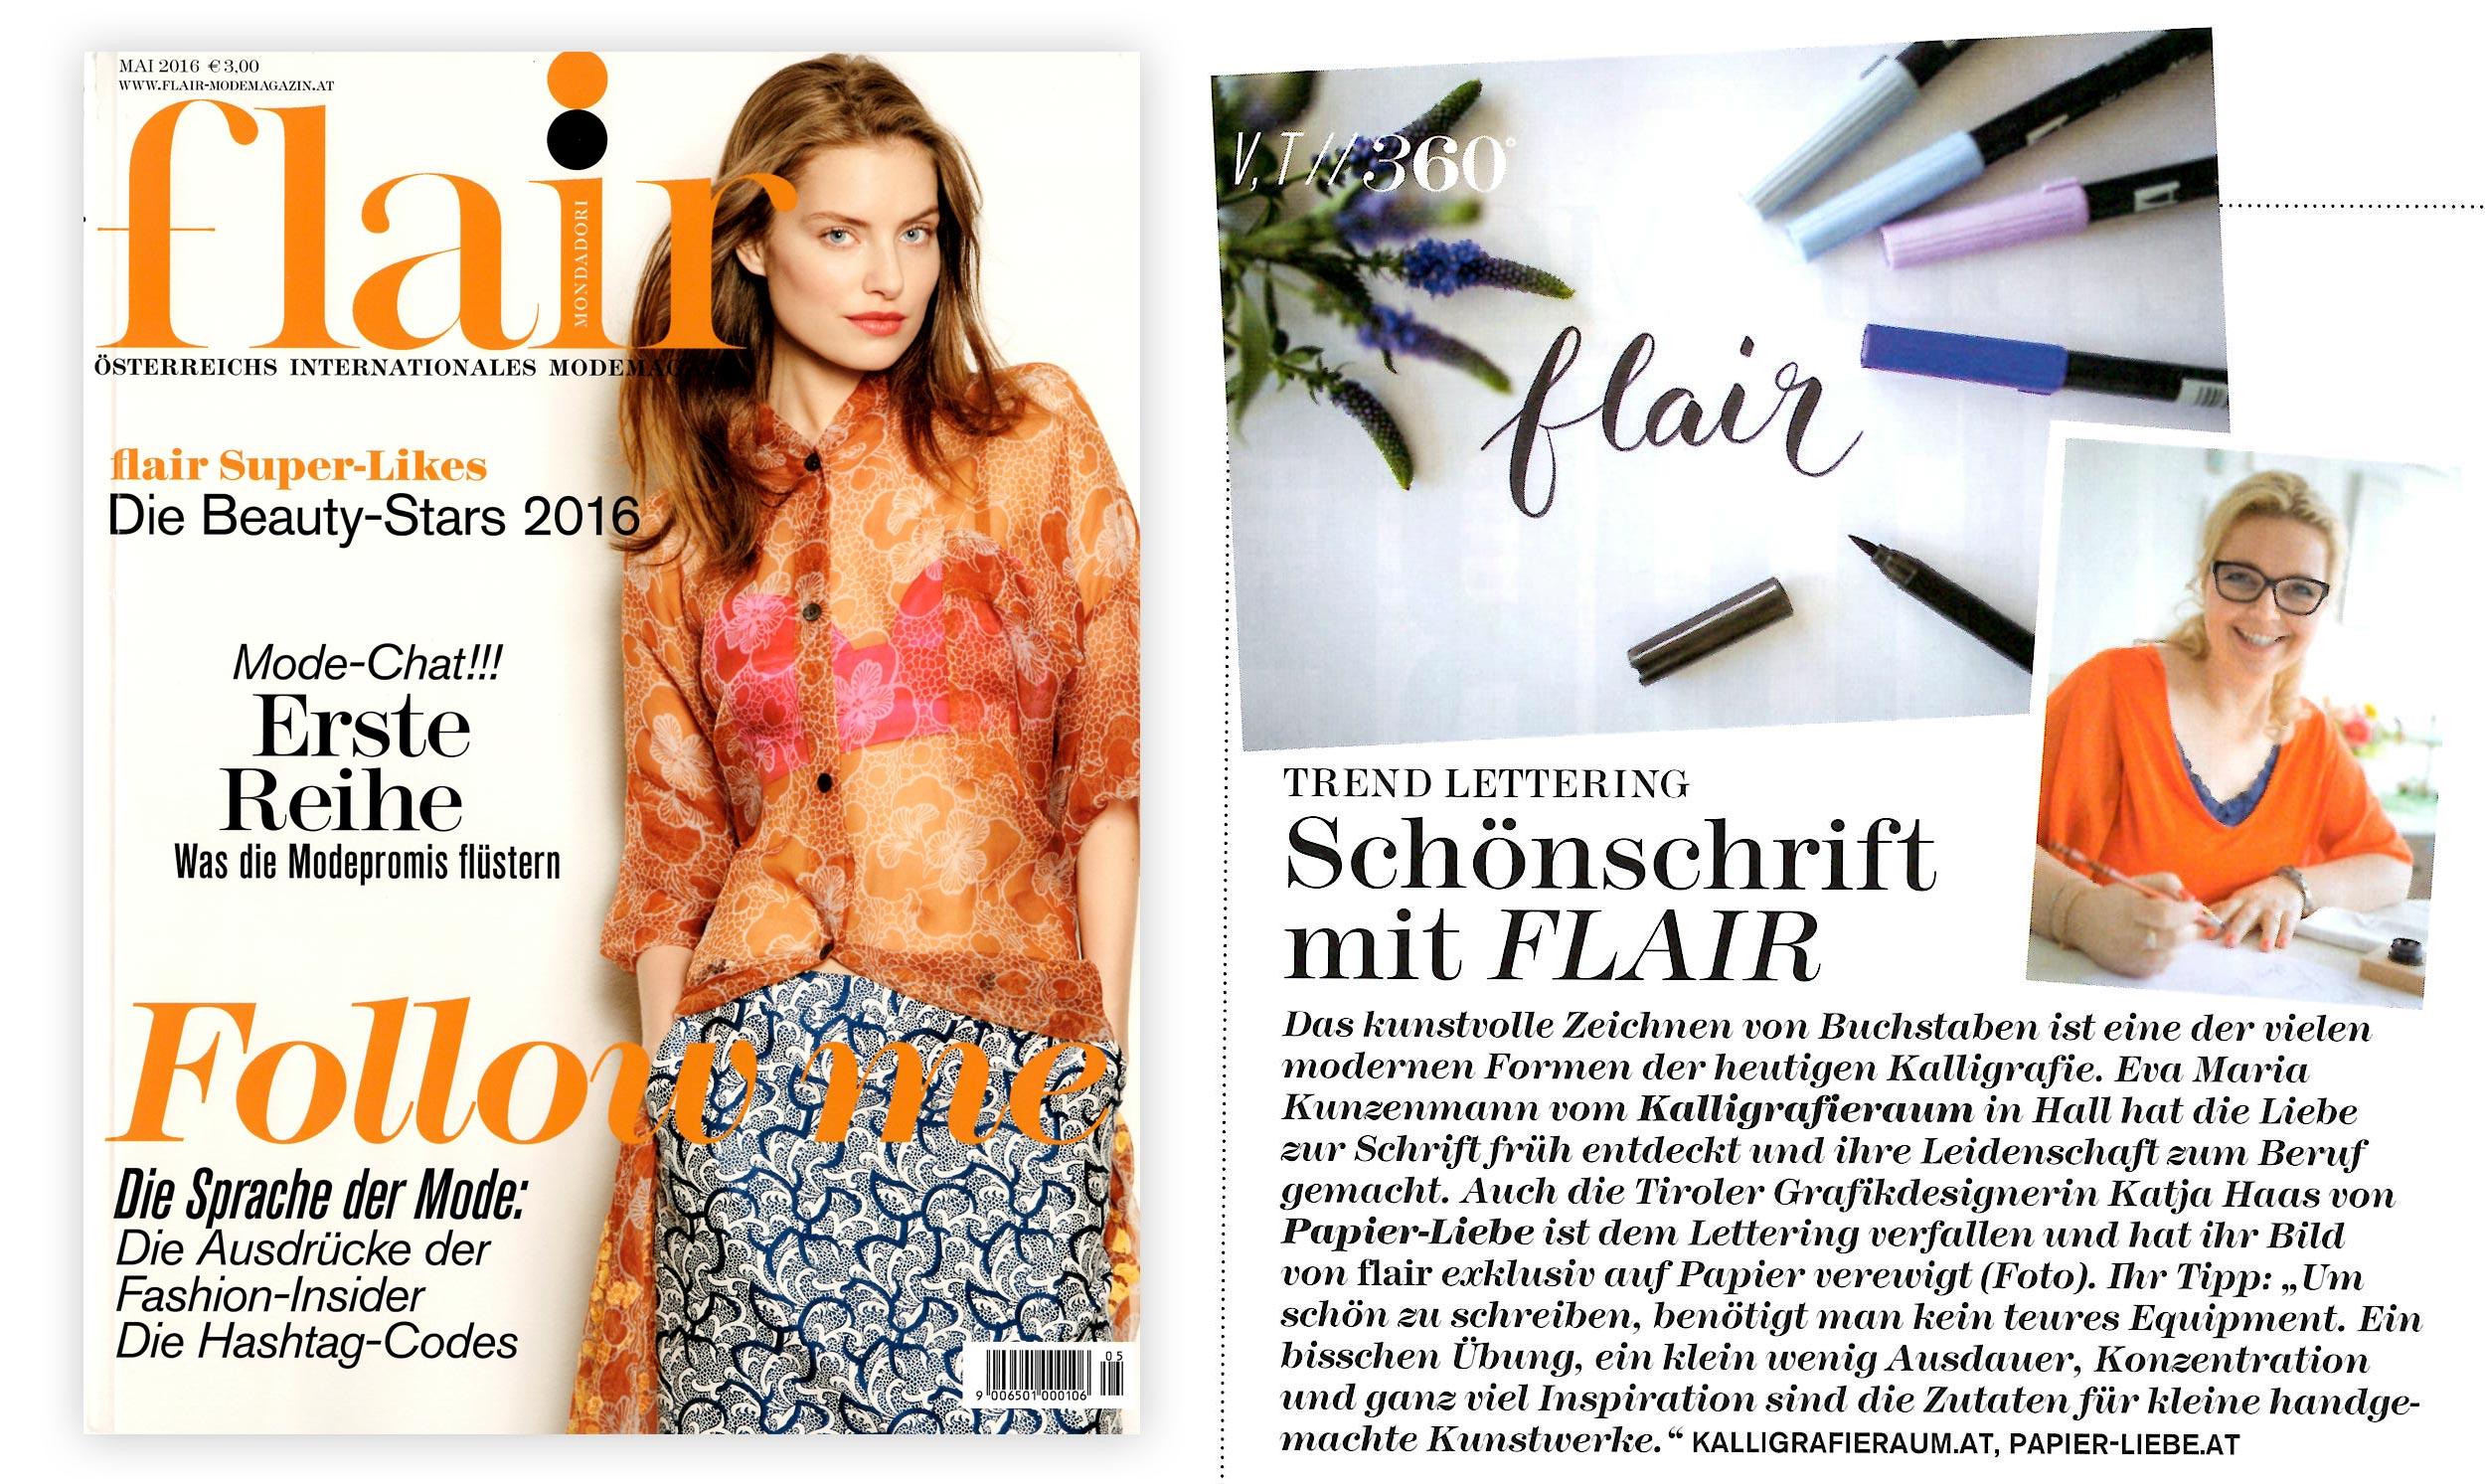 papierliebe-flair-magazin-zeitschrift-hand-lettering-schreiben